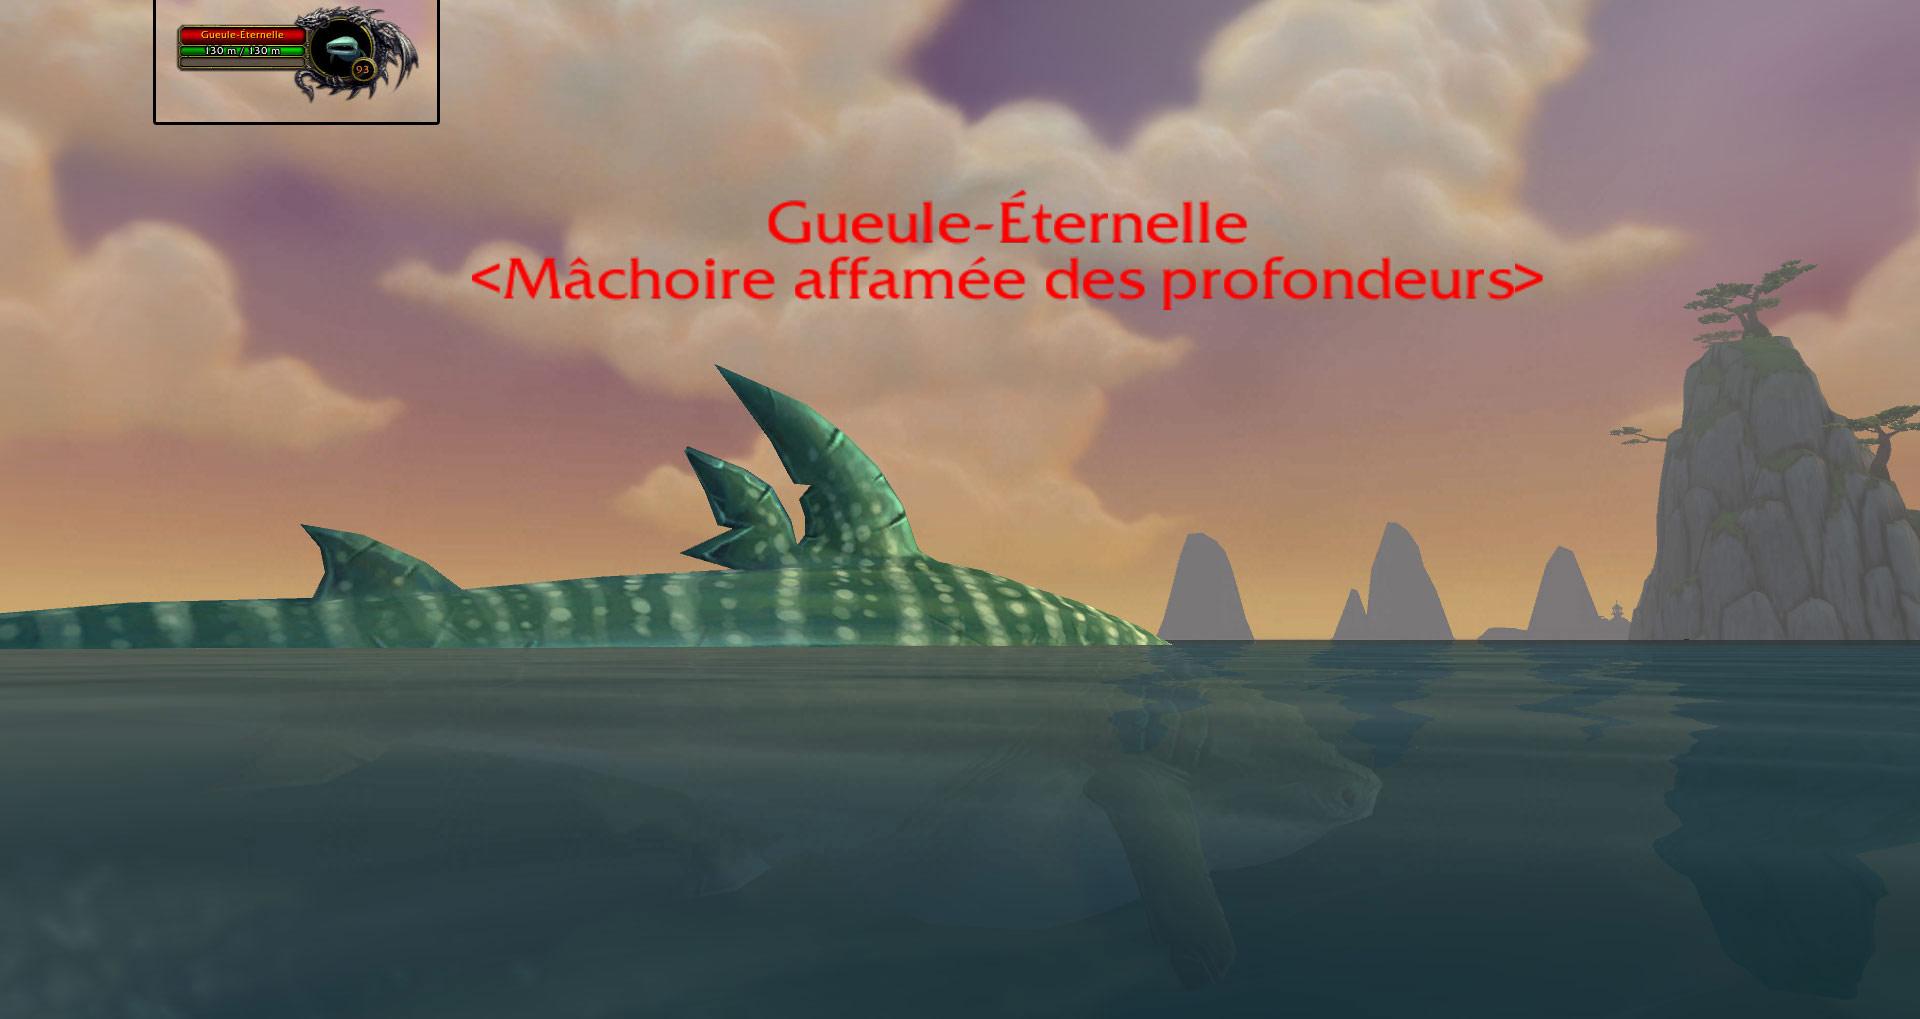 Monstre rare de l'Île du temps figé: Gueule-Éternelle.